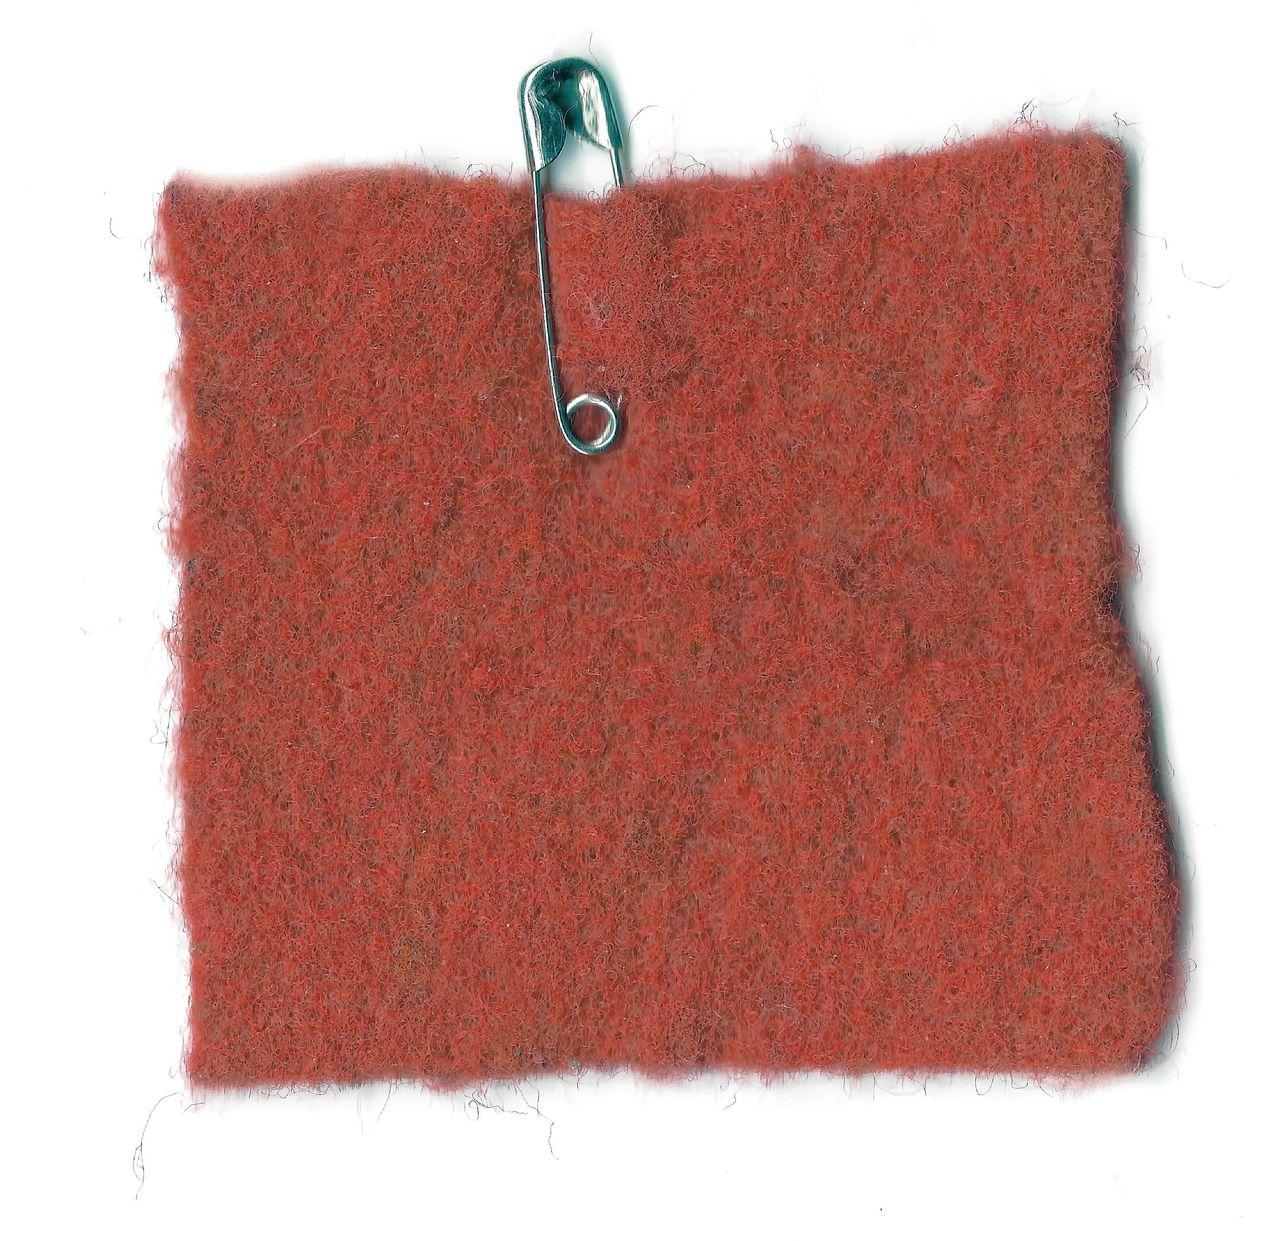 rood vilten vierkantje met een sluitspeld, het symbool van WO in actie